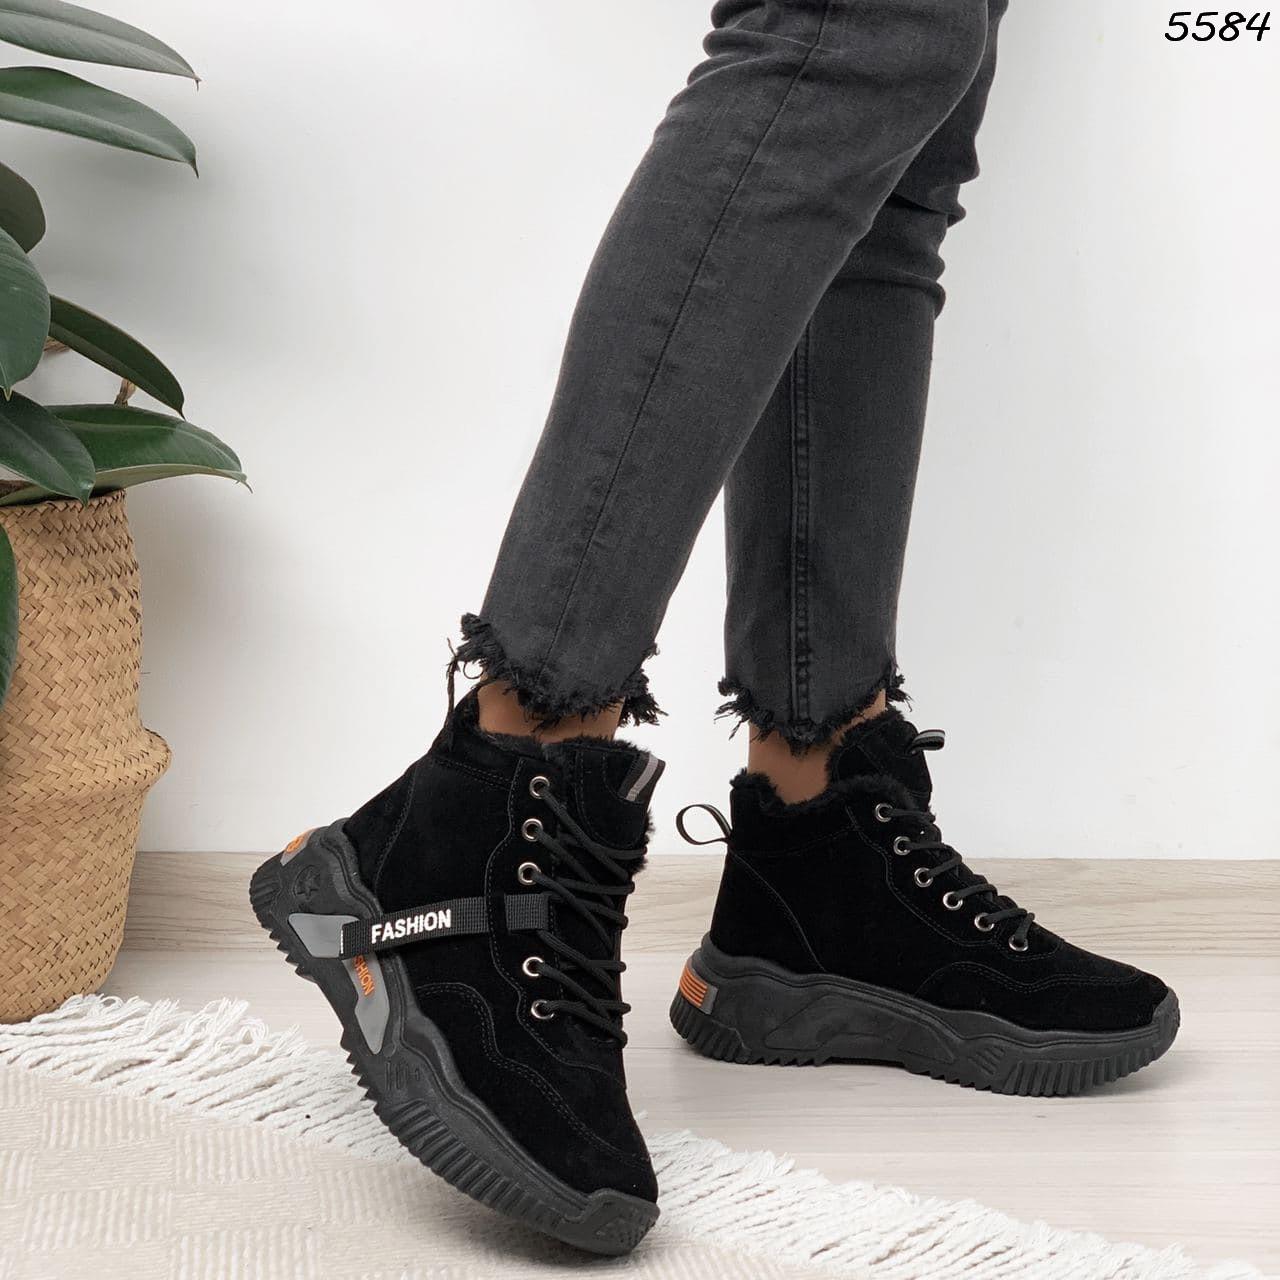 Кроссовки женские черные Зима 5584